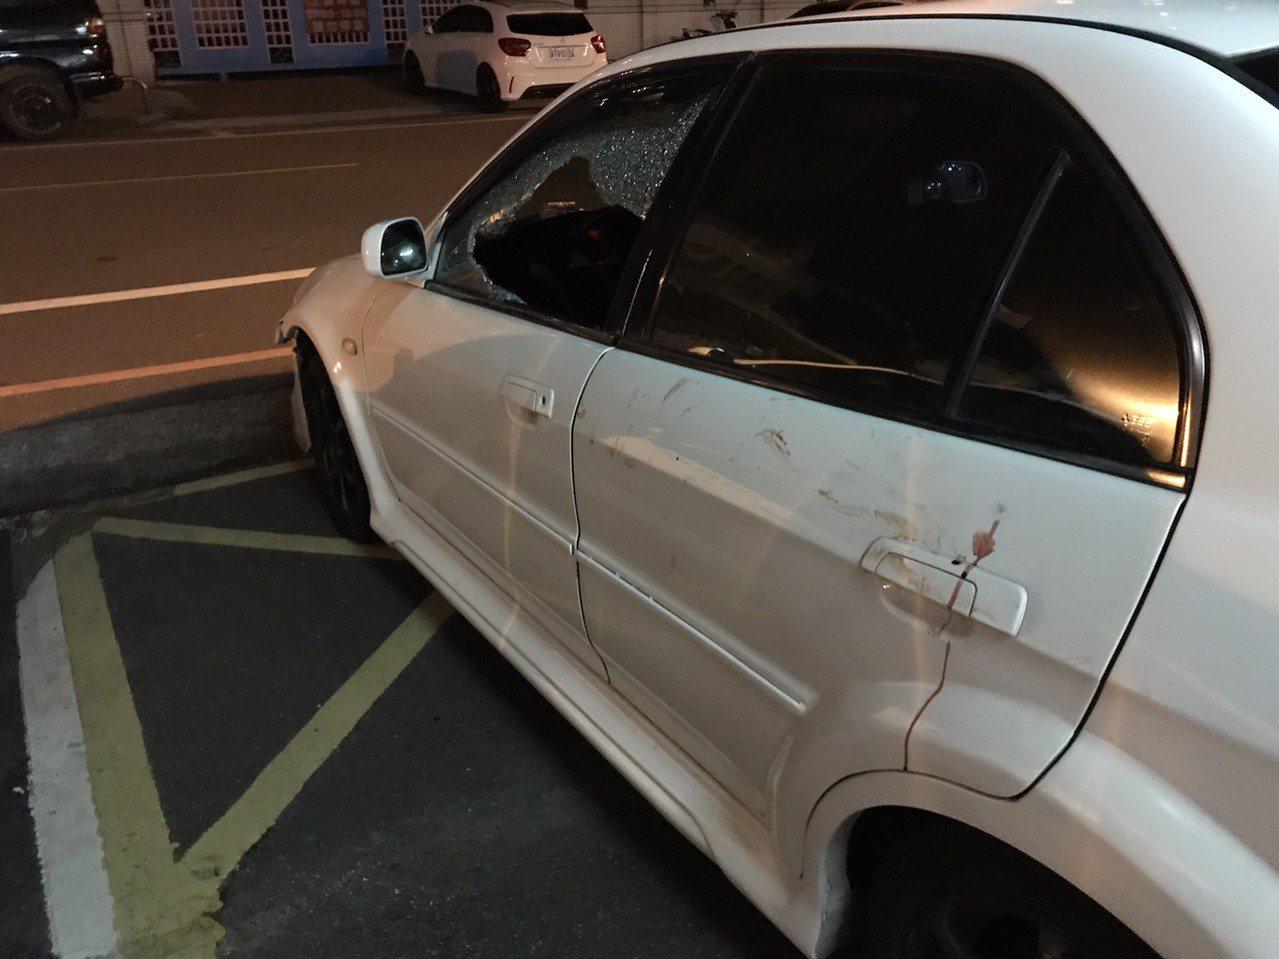 綽號「大頭」男子闖紅燈拒絕警方攔車盤查,員警最後破窗逮人並查扣涉案車輛。記者鄭國...